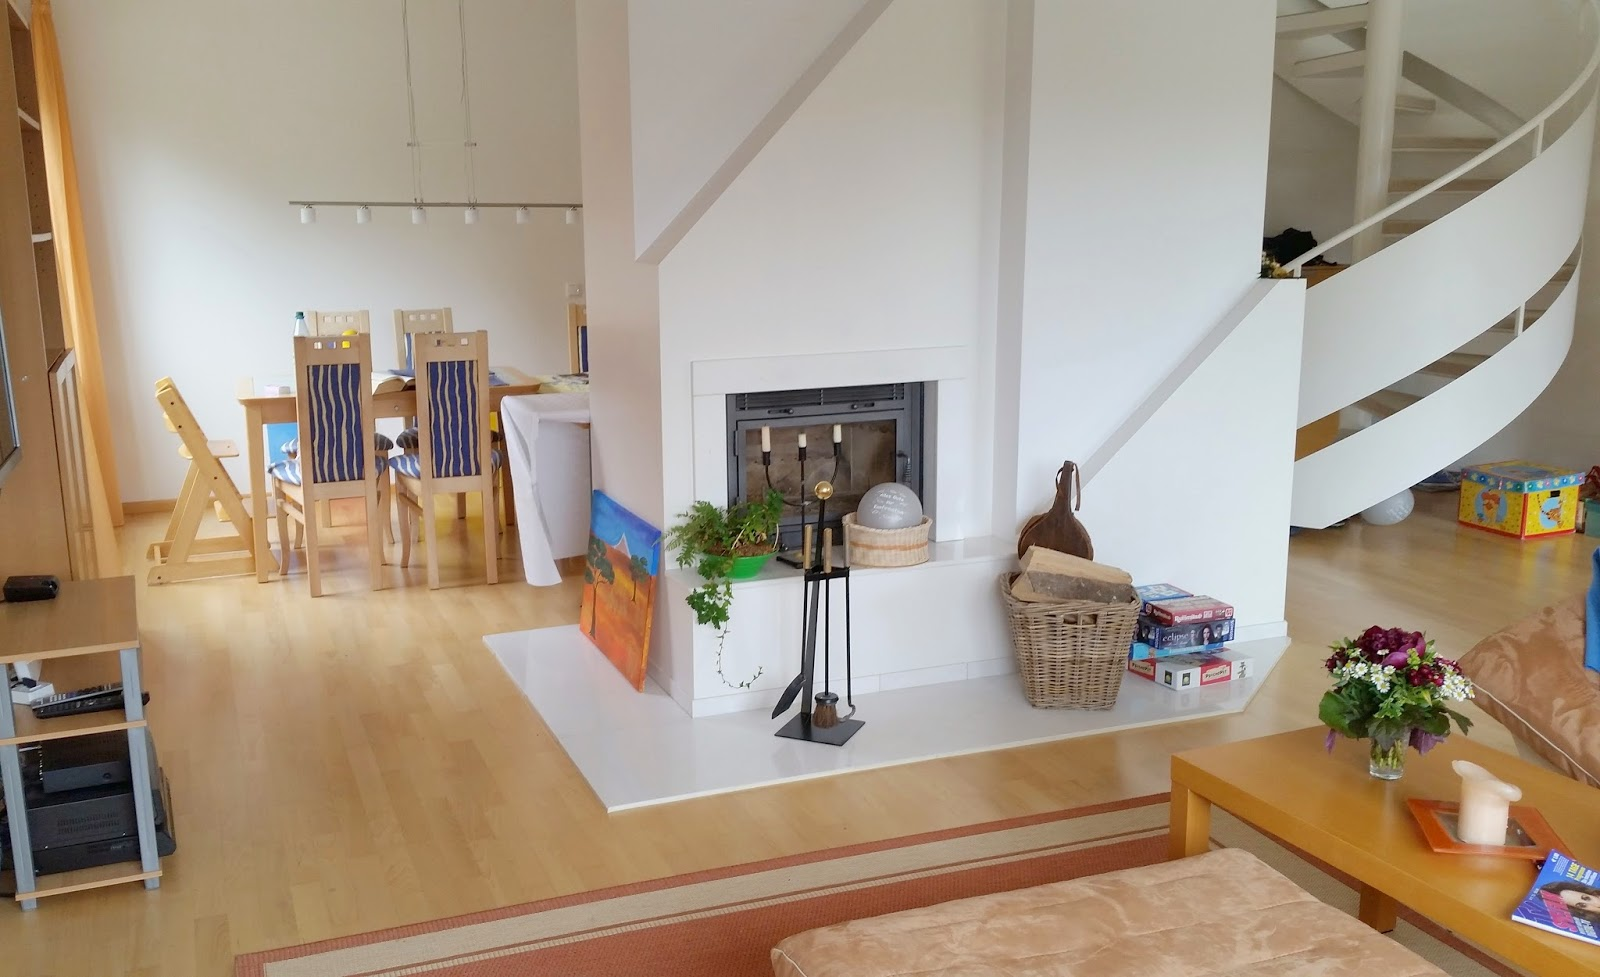 blumenauer consulting immobilien verkauft ihr maisonette traum eine wohnung die anzieht und. Black Bedroom Furniture Sets. Home Design Ideas